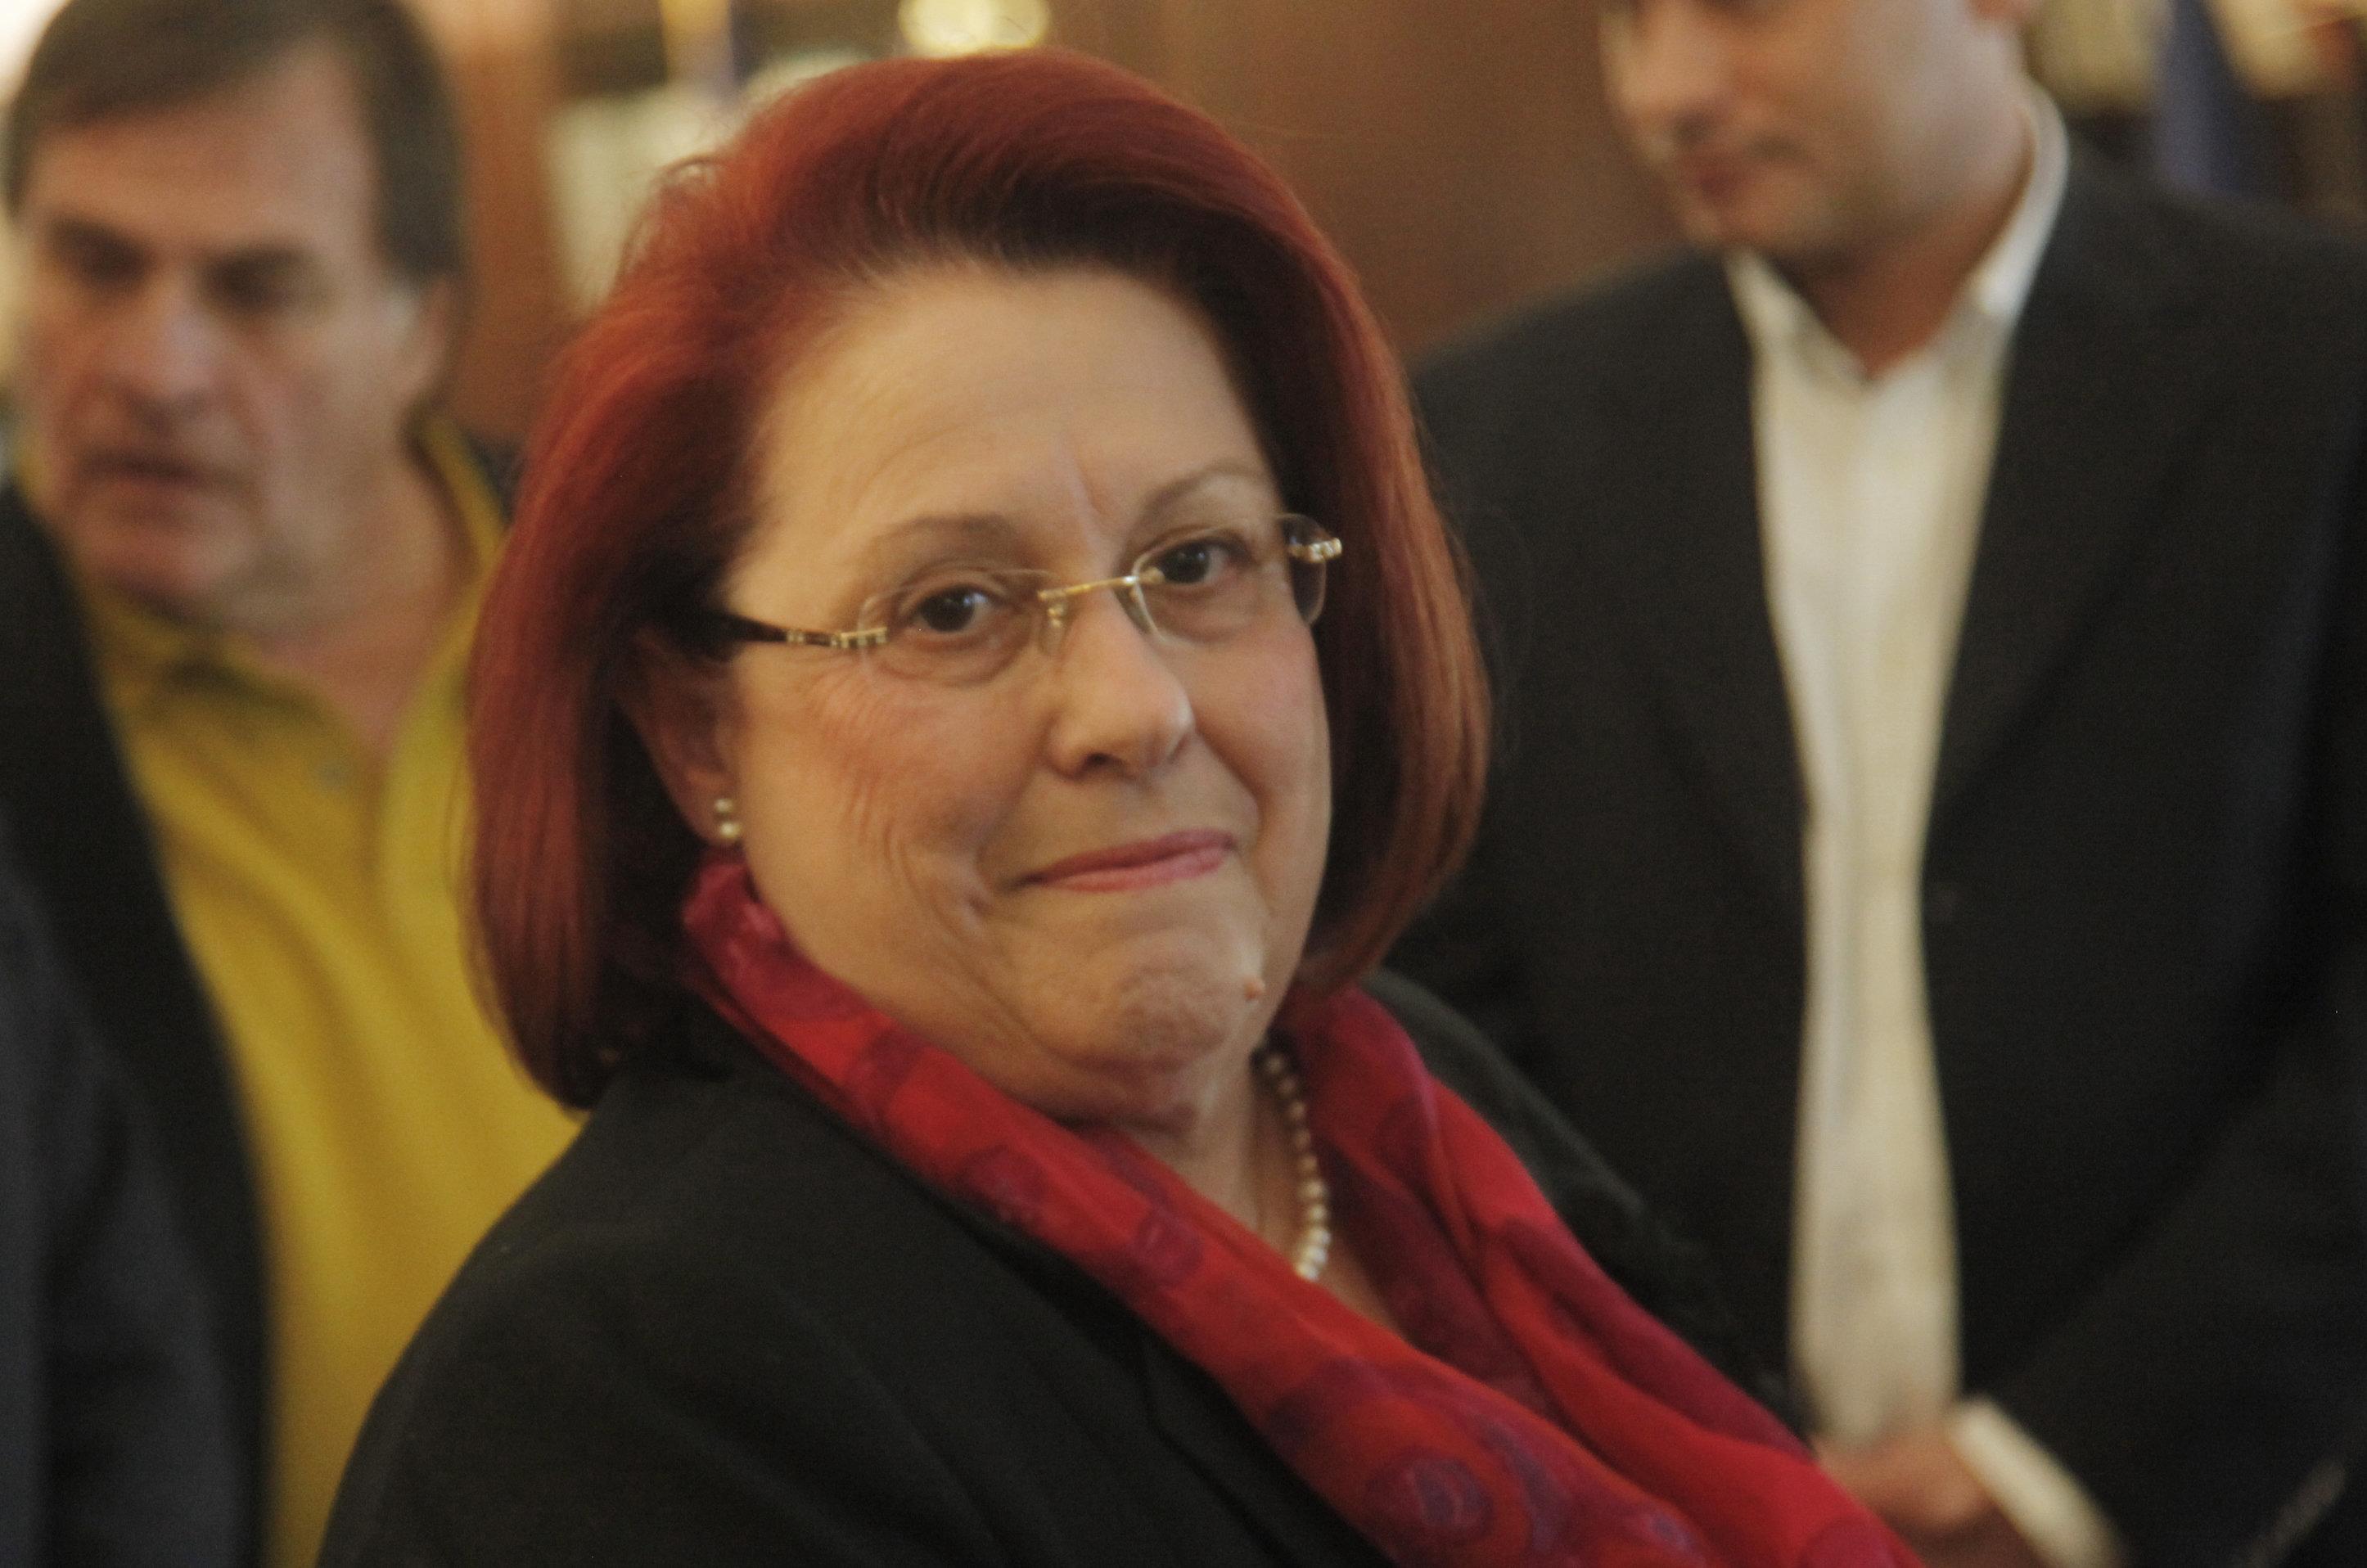 Γενική Επιθεωρήτρια Δημόσιας Διοίκησης: «Προσπάθεια προσωπικής στόχευσης» όσα δημοσιεύονται για την